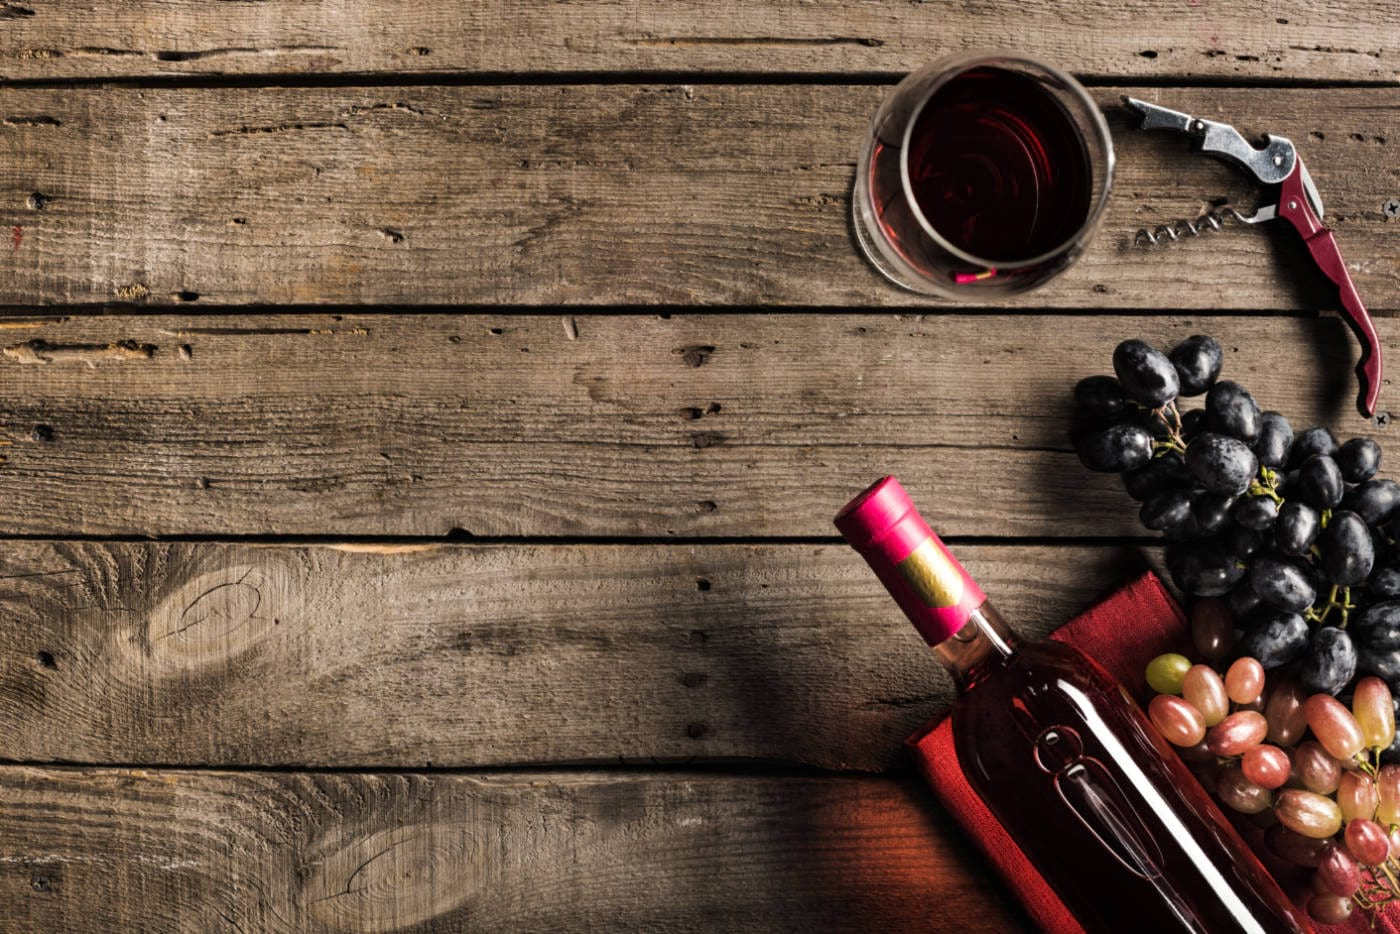 Vinul roșu - este bun sau nu pentru sănătate?